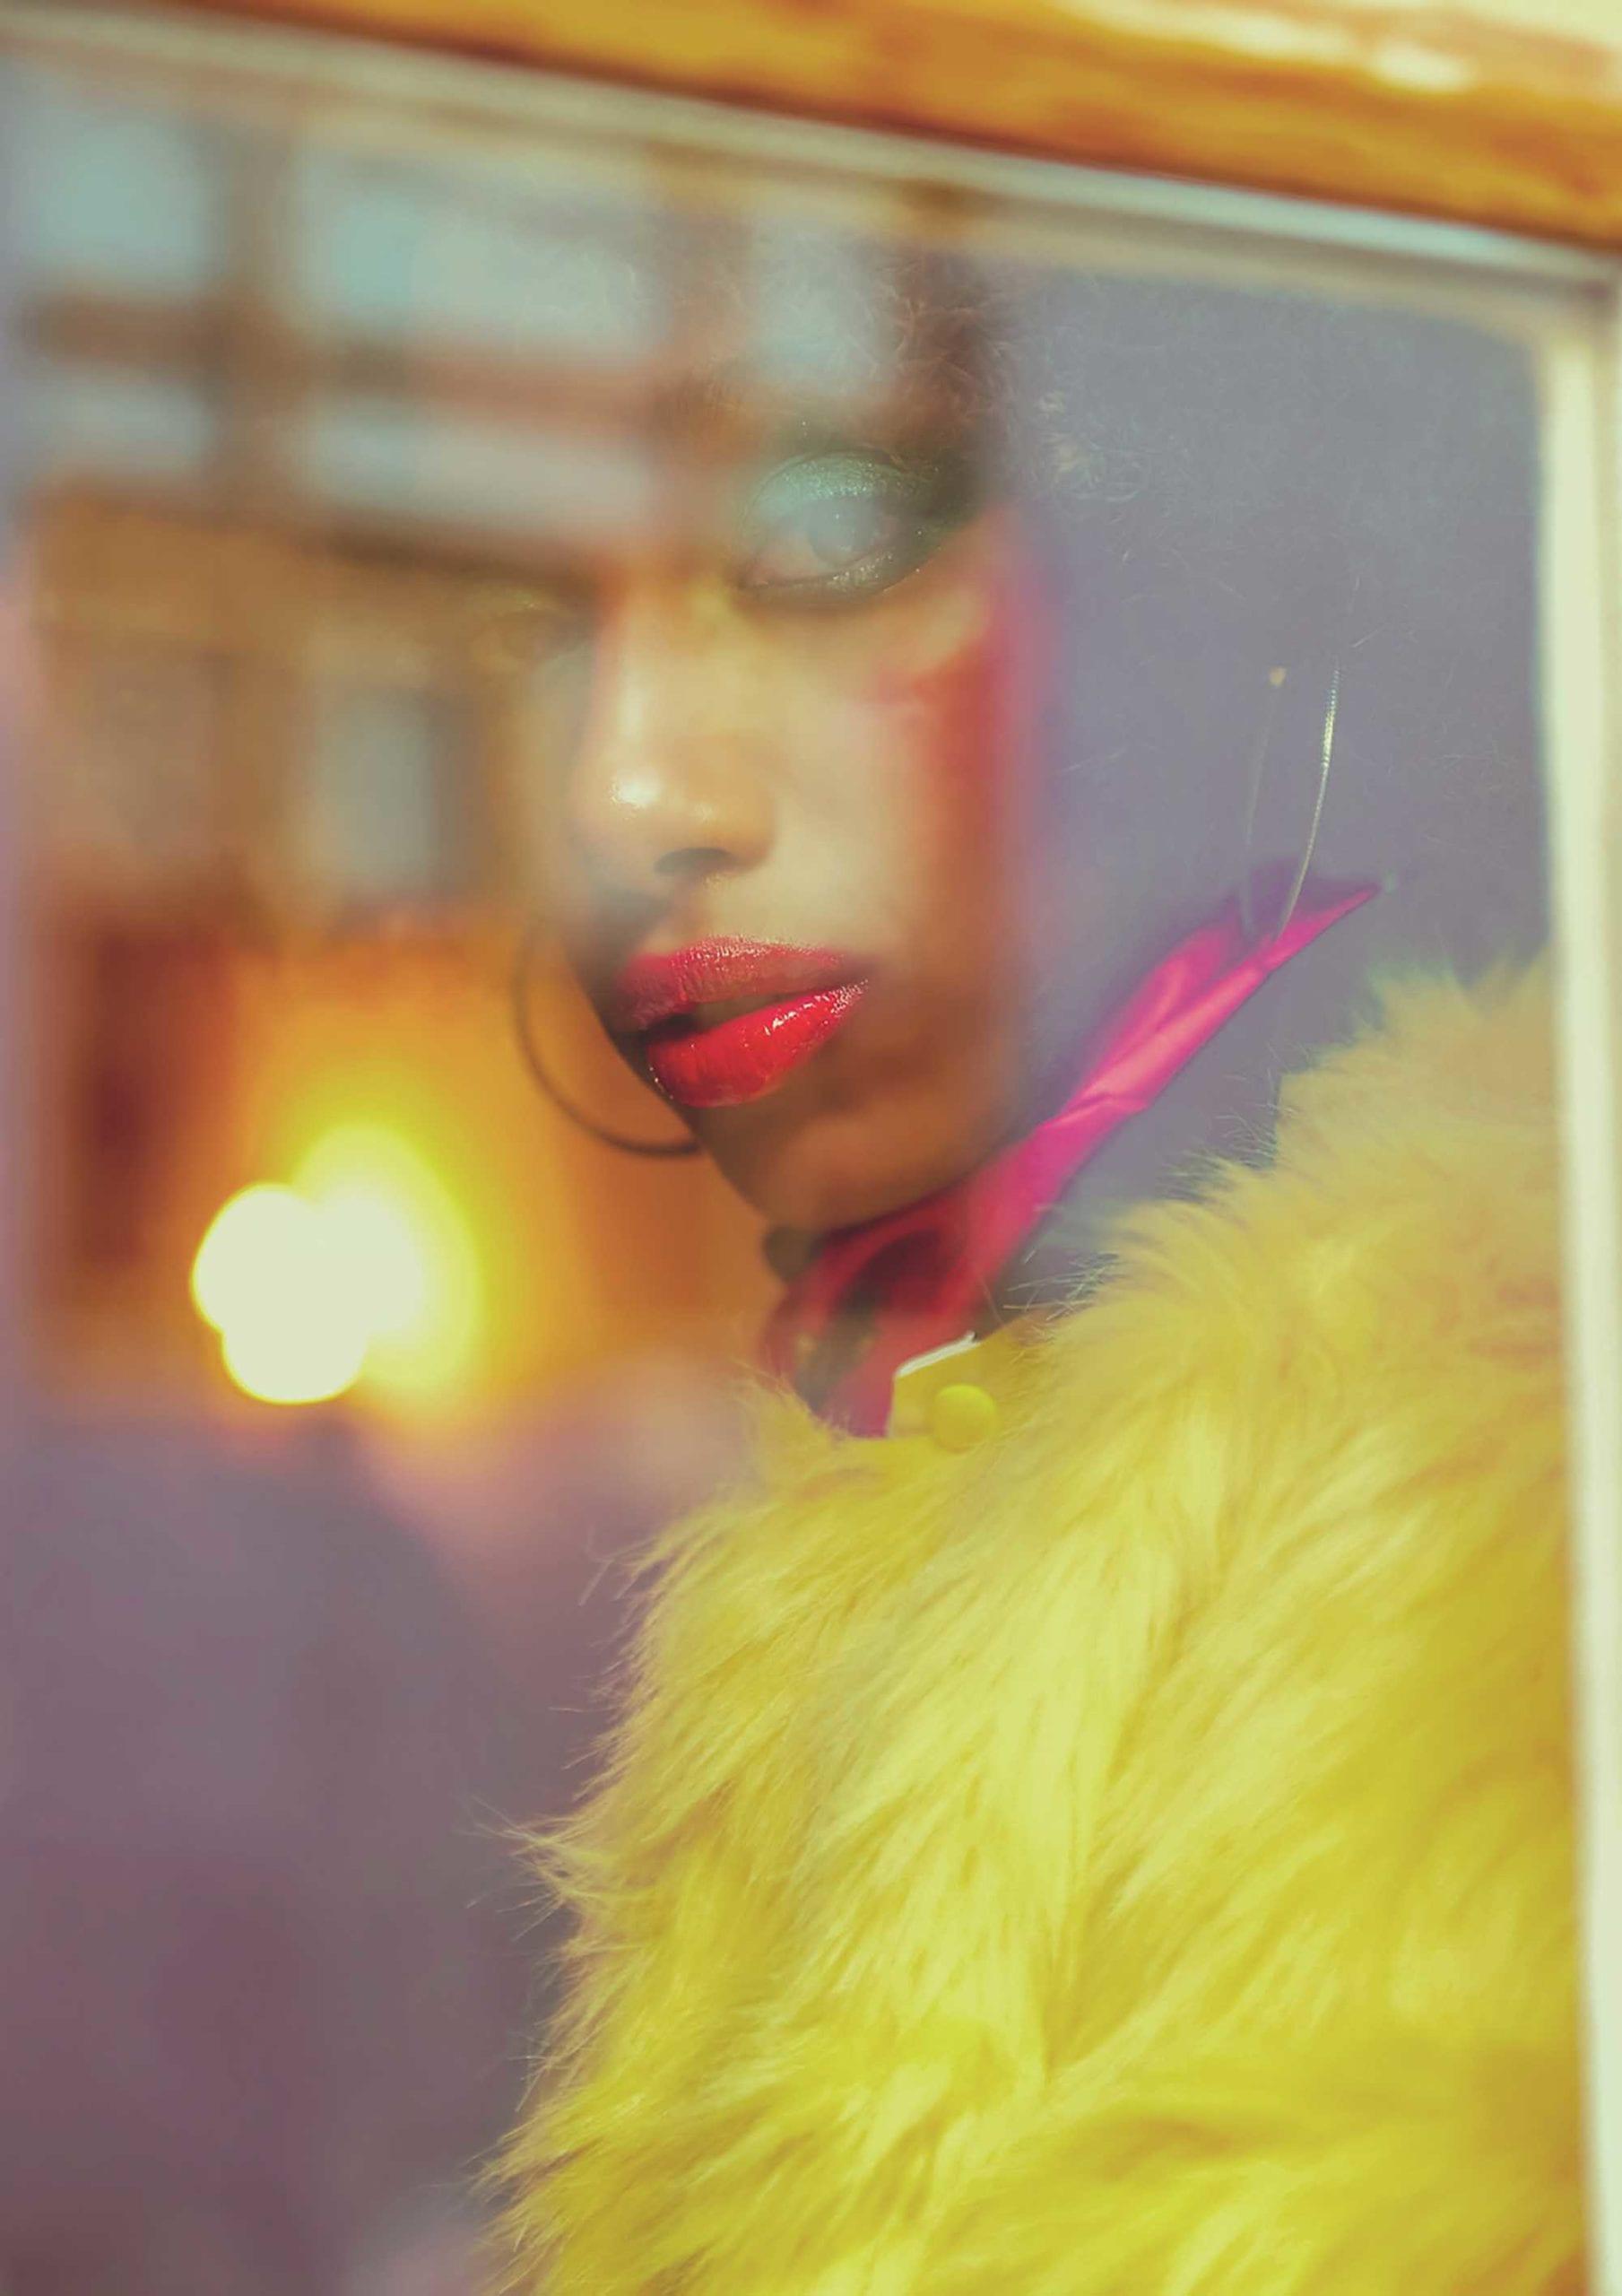 צילום: אילן סימן טוב סטיילינג: קסניה רויטבורג איפור: דידי פז עיצוב שיער: שרון פור דוגמנית: מזל מרשה ל-MC2 עיצוב אופנה: יובל רביד - כיכר המדינה, הפקות אופנה - 8365